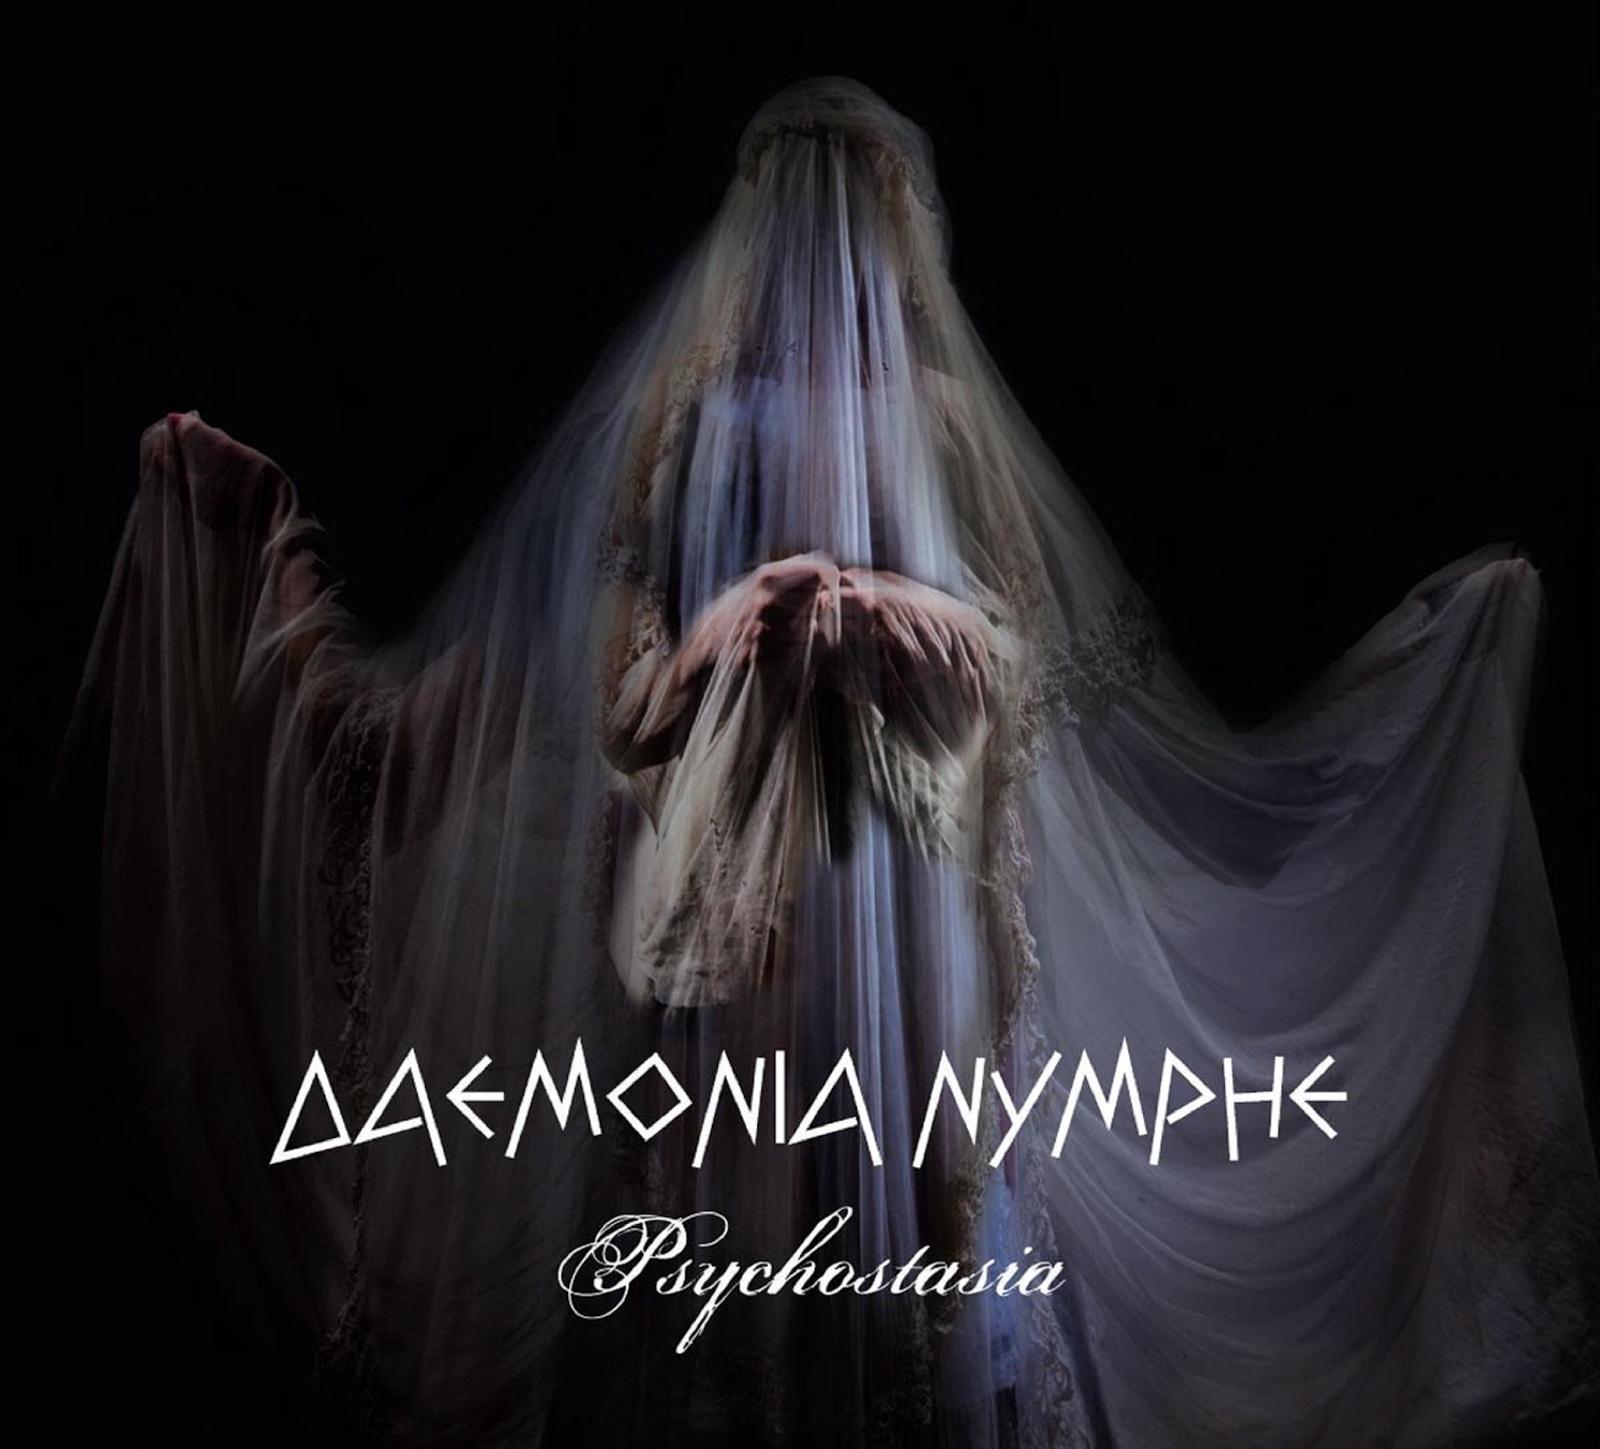 Daemonia Nymphe - Psychostasia.jpg